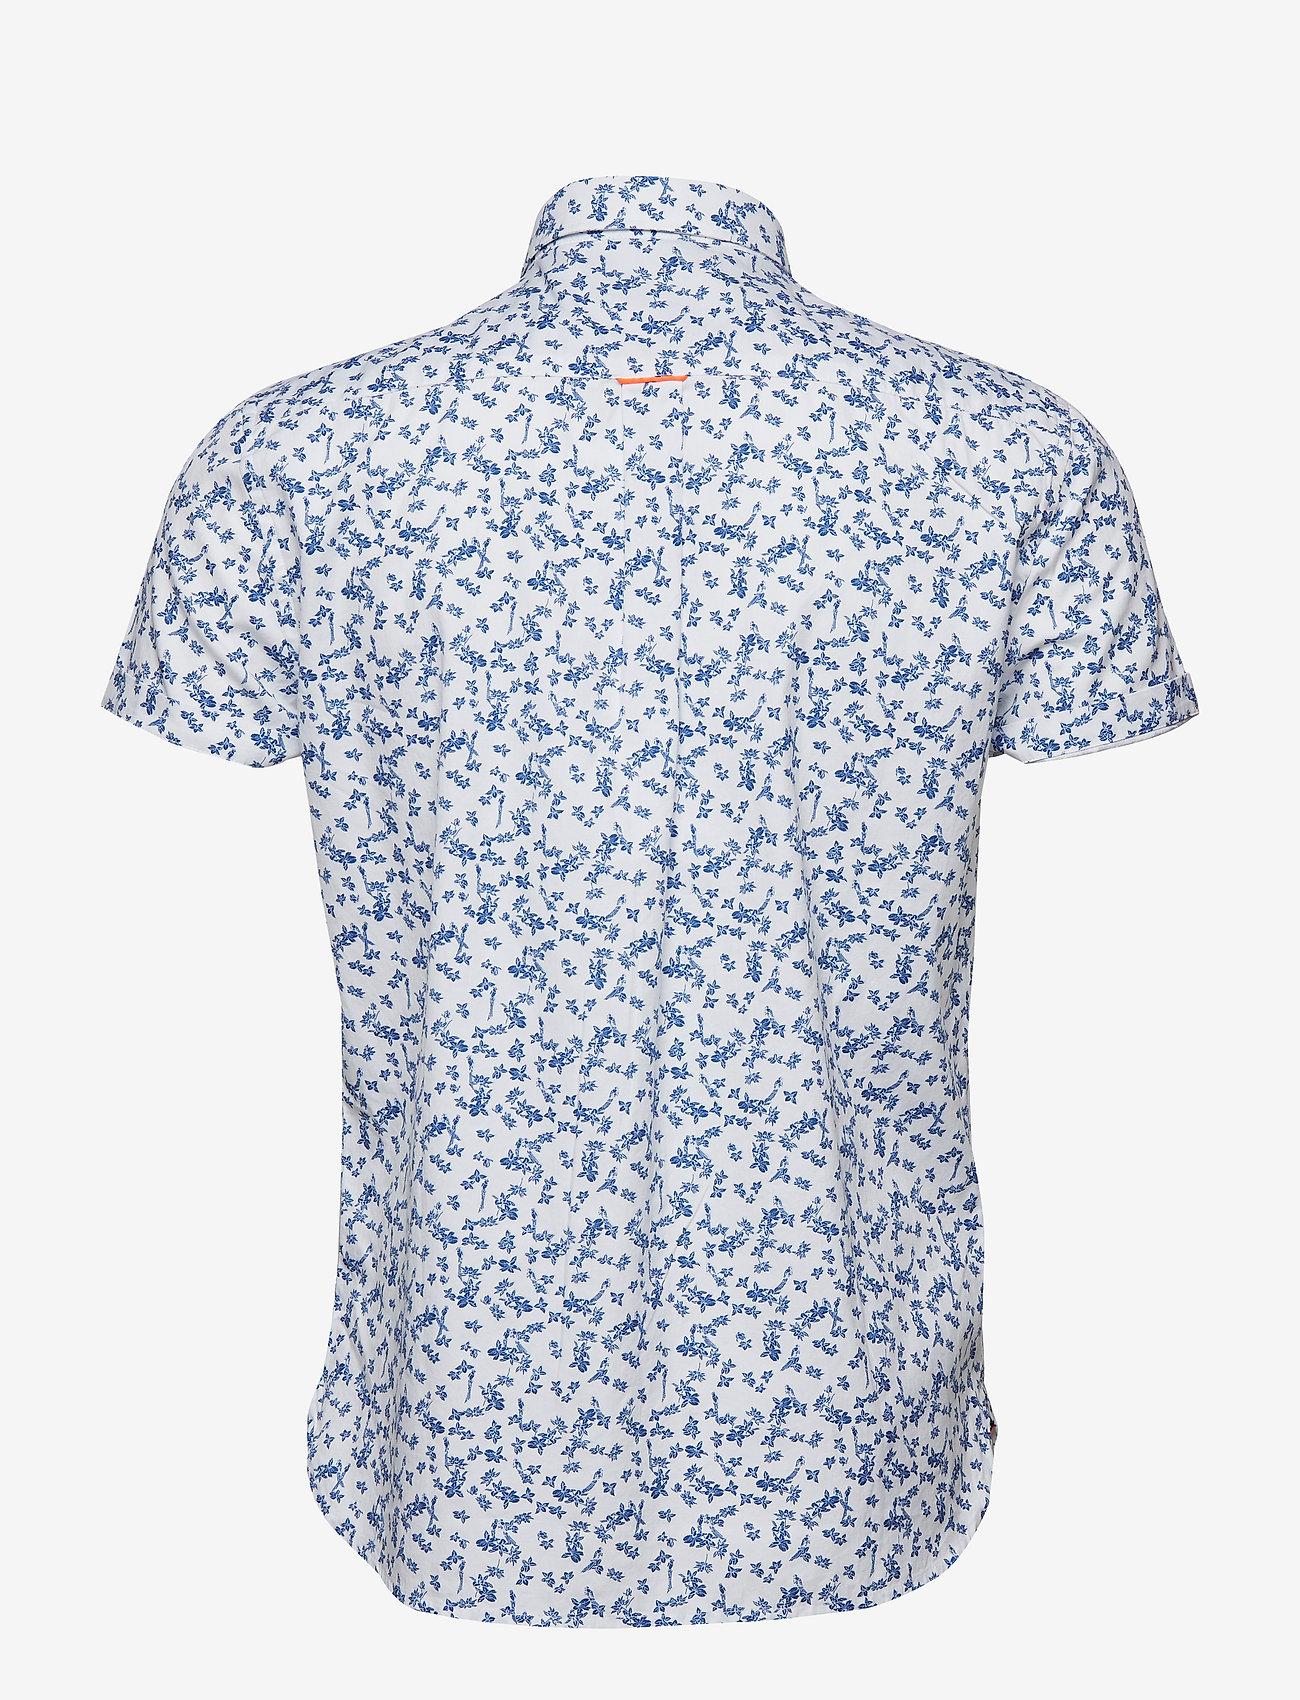 Superdry PREMIUM SHOREDITCH S/S SHIRT - Skjorter LOTUS FLOWER OPTIC - Menn Klær